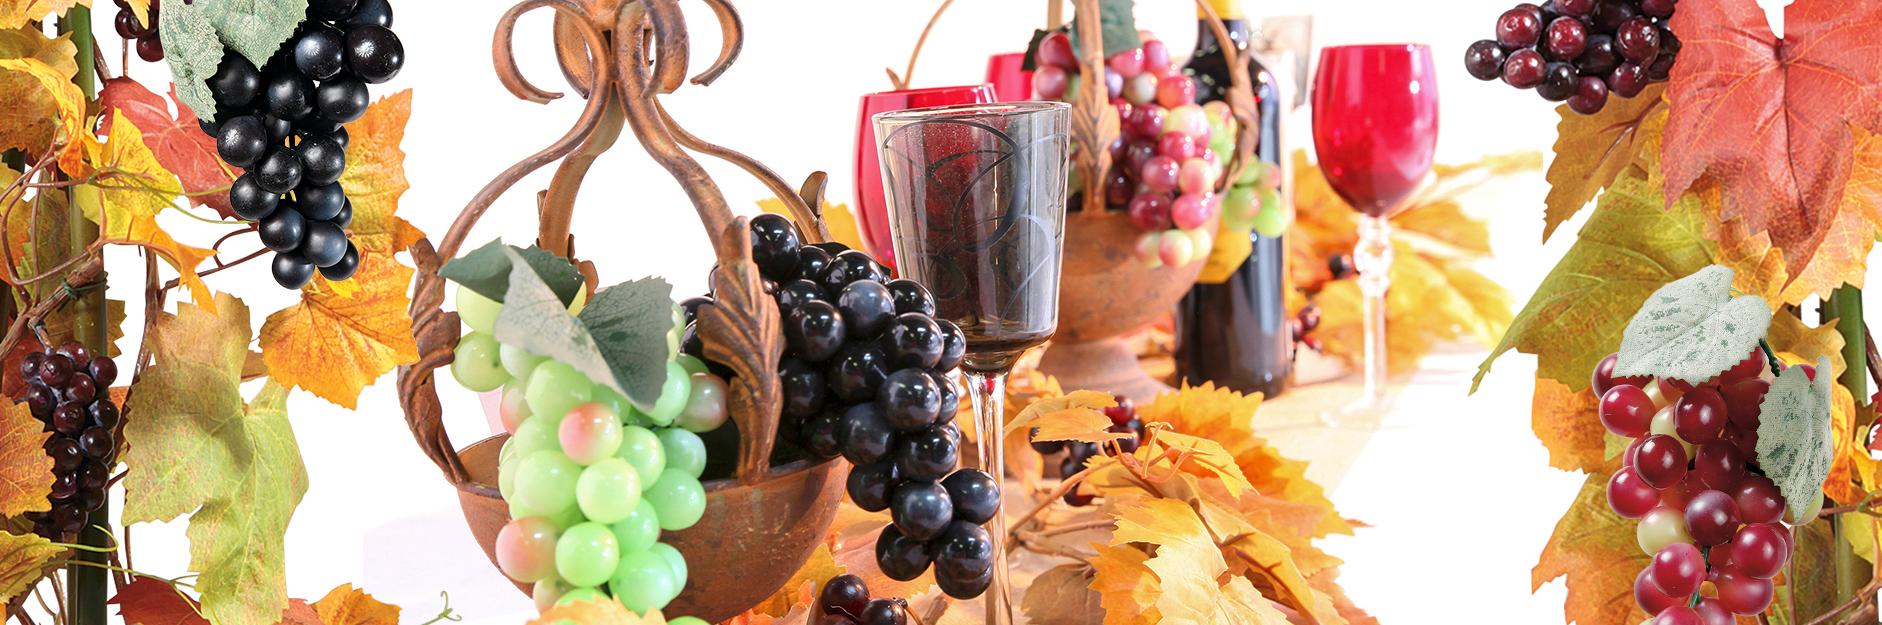 Decoración del vino